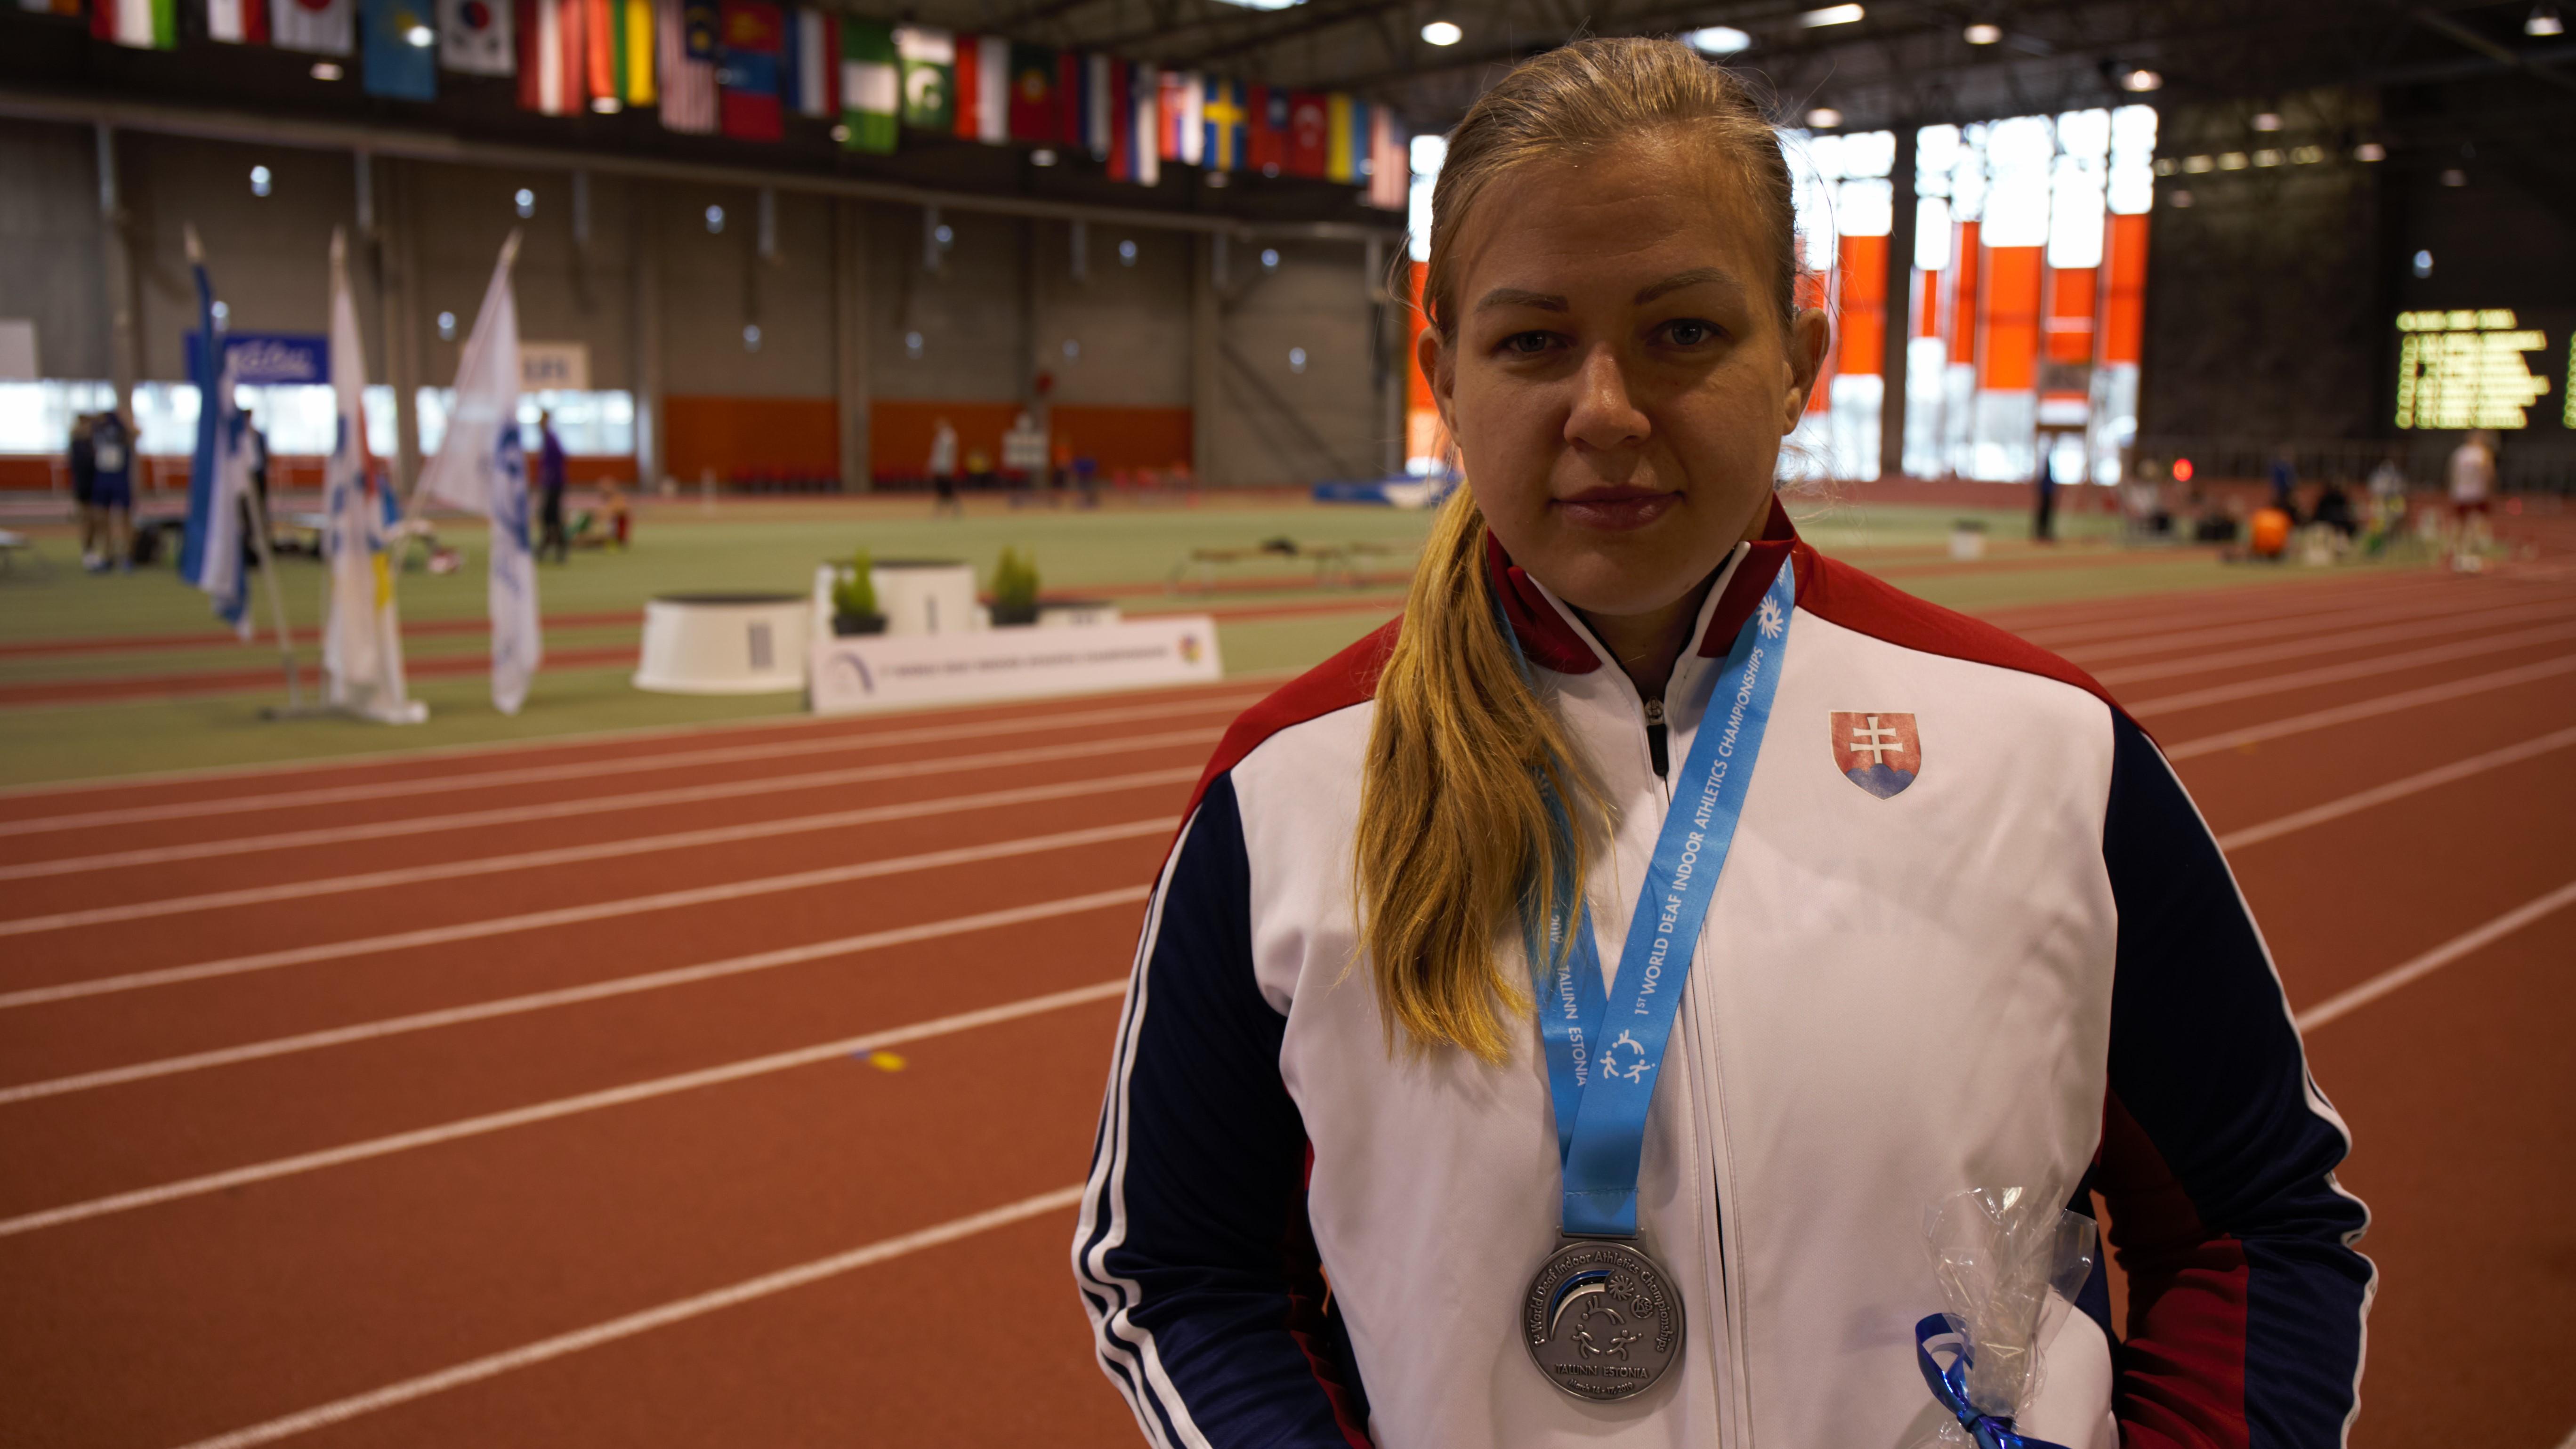 Ivana Krištofičová